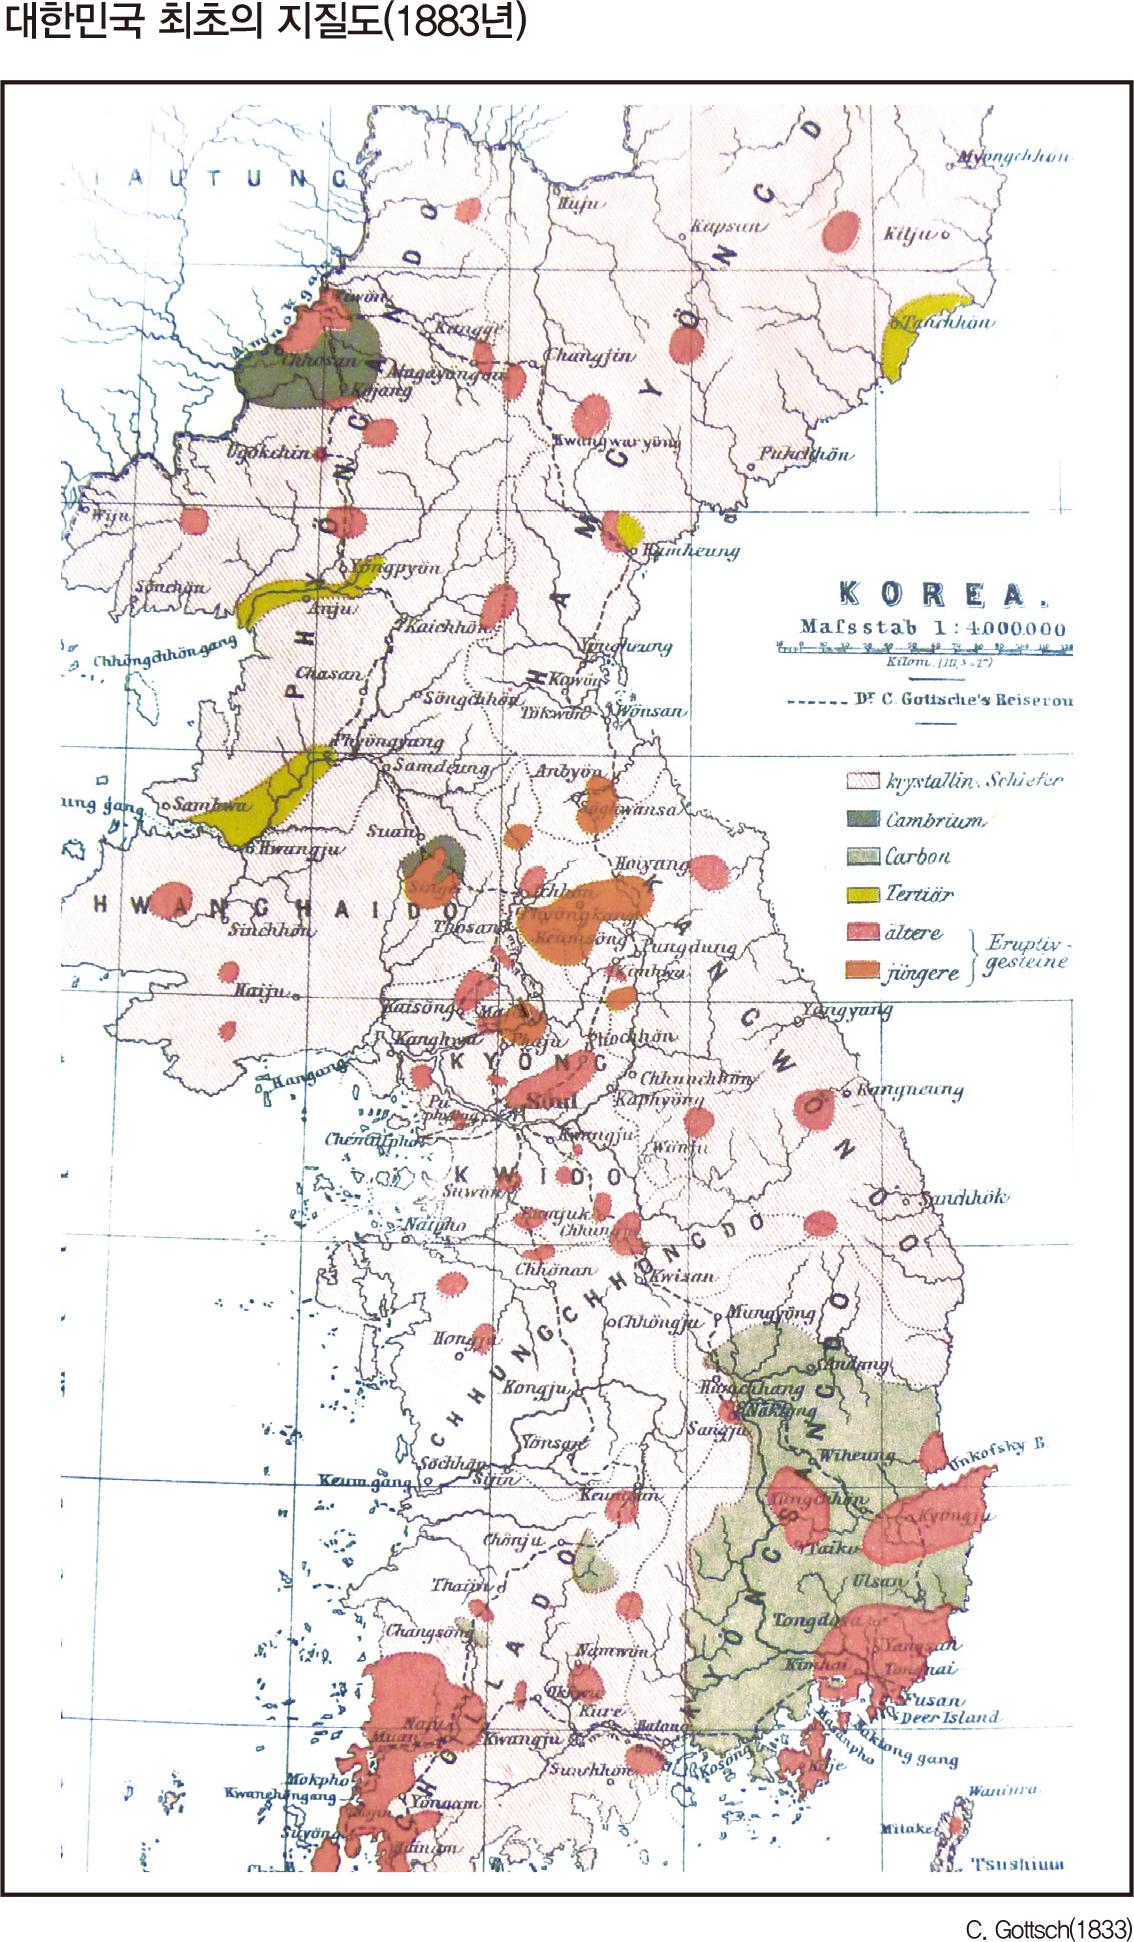 대한민국 최초의 지질도(1883년)